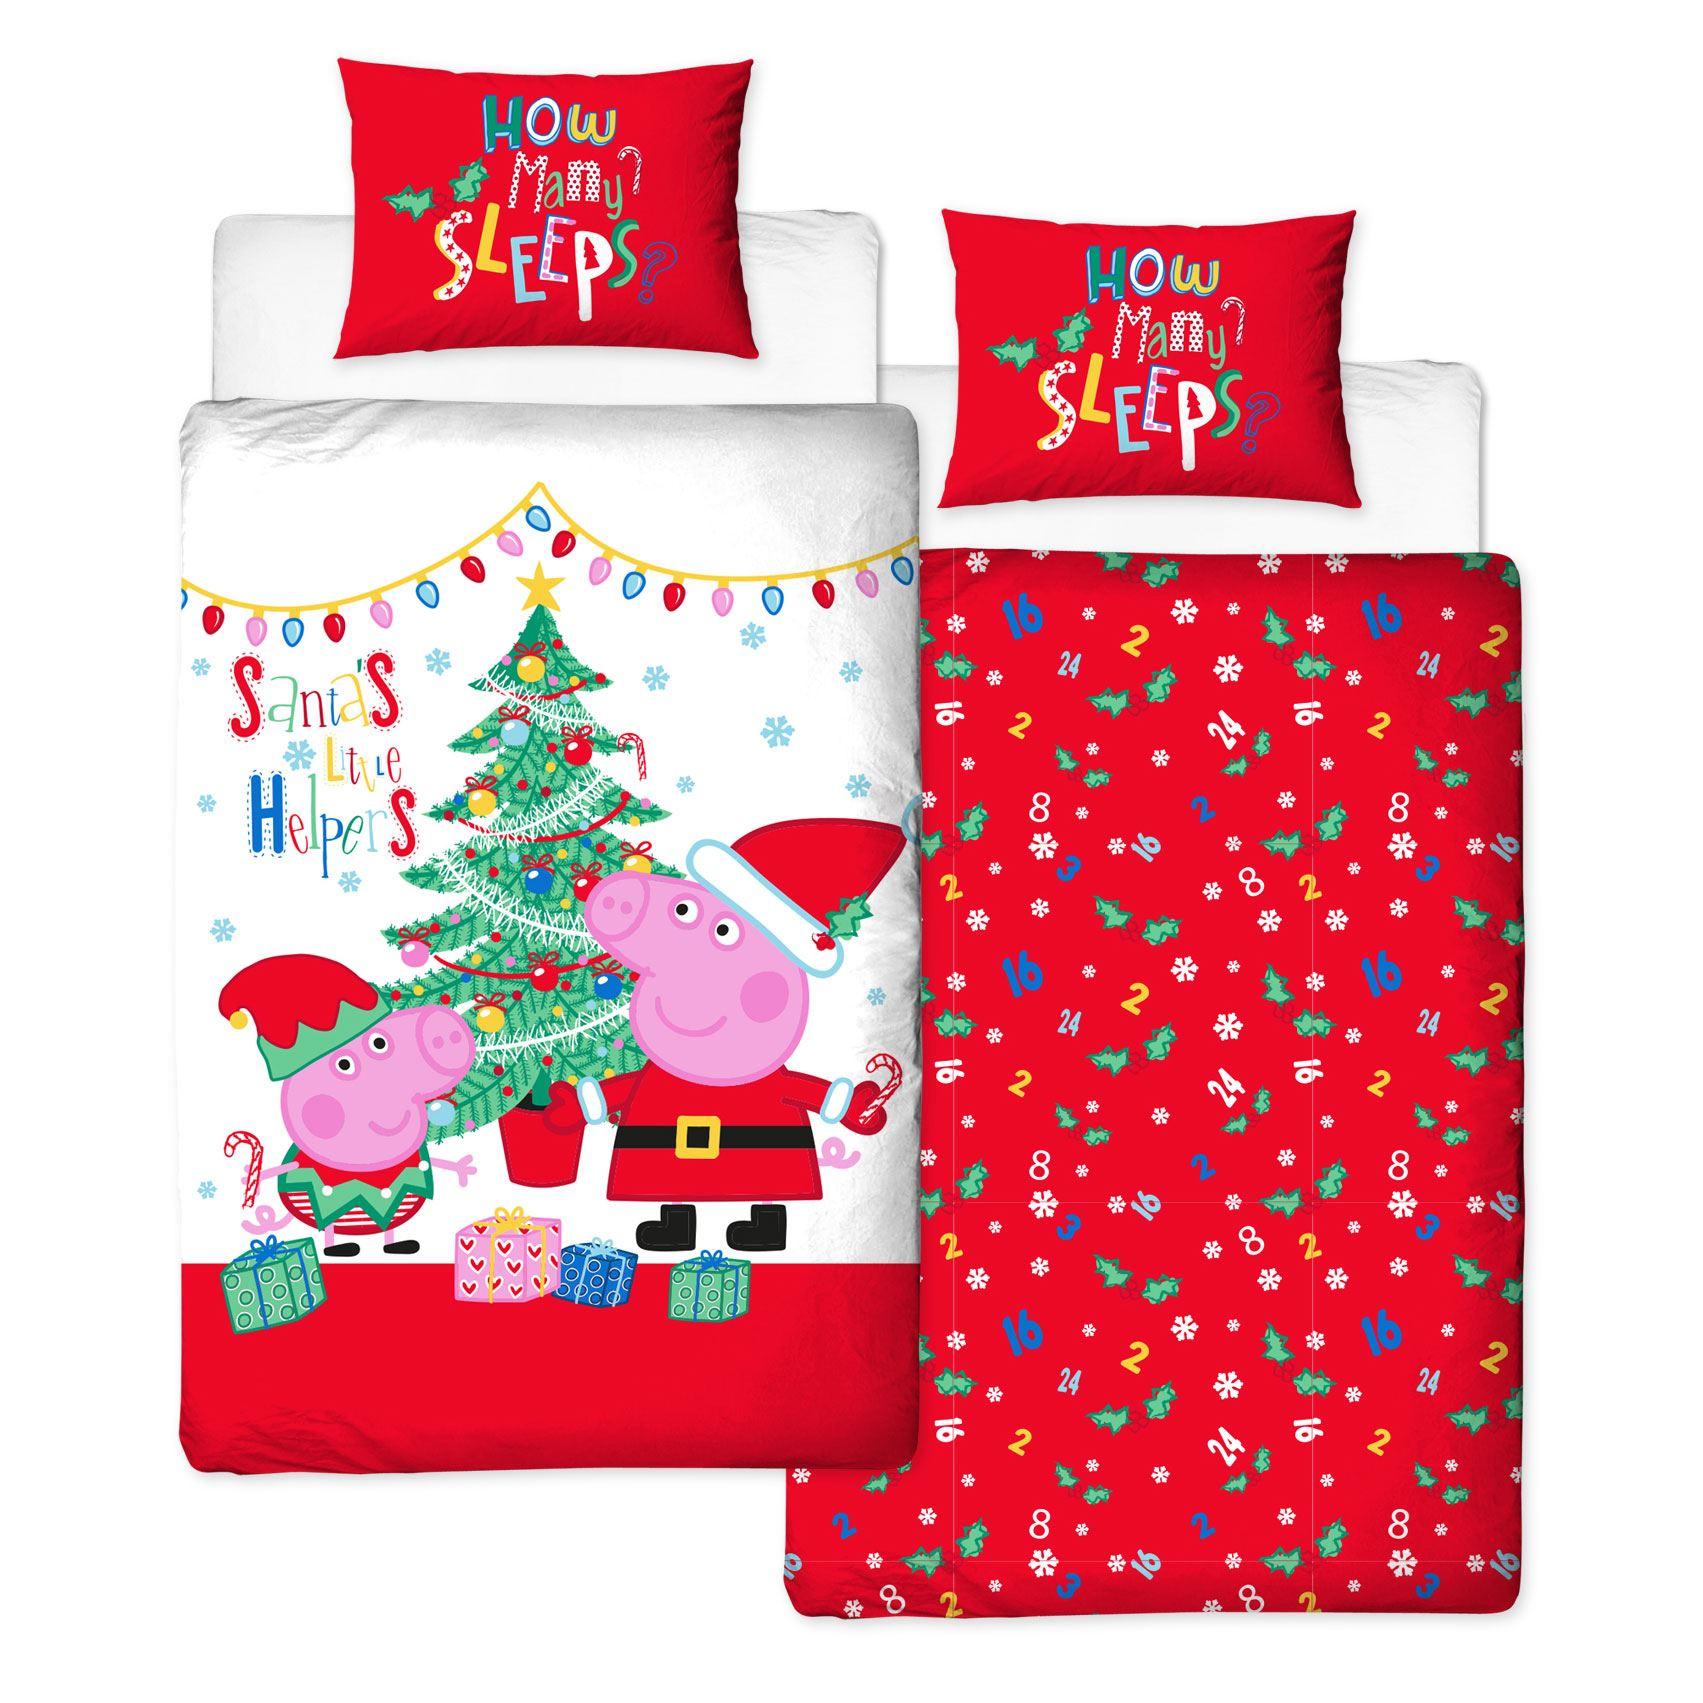 Indexbild 56 - Kinder Weihnachten Bettbezug Sets - Junior Einzel Doppel King - Elf Emoji Grinch